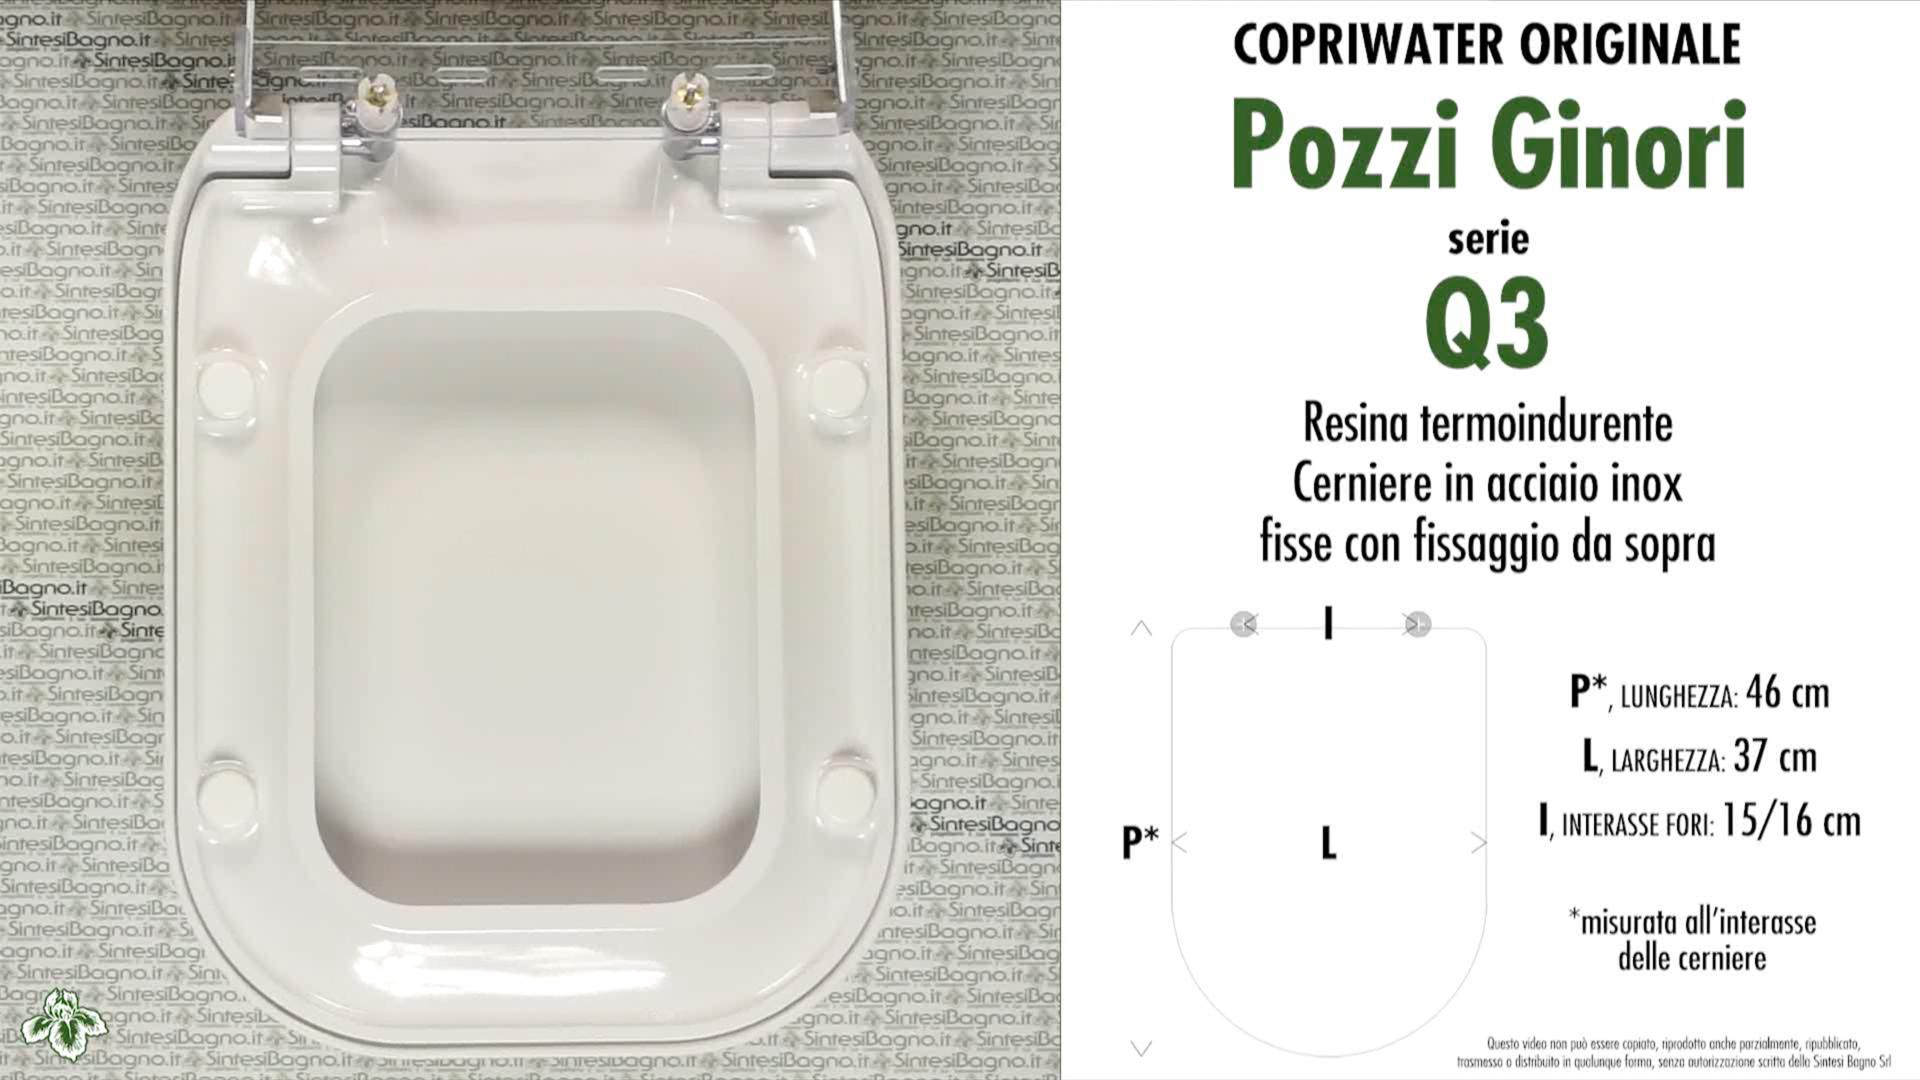 SCHEDA TECNICA MISURE copriwater POZZI GINORI Q3